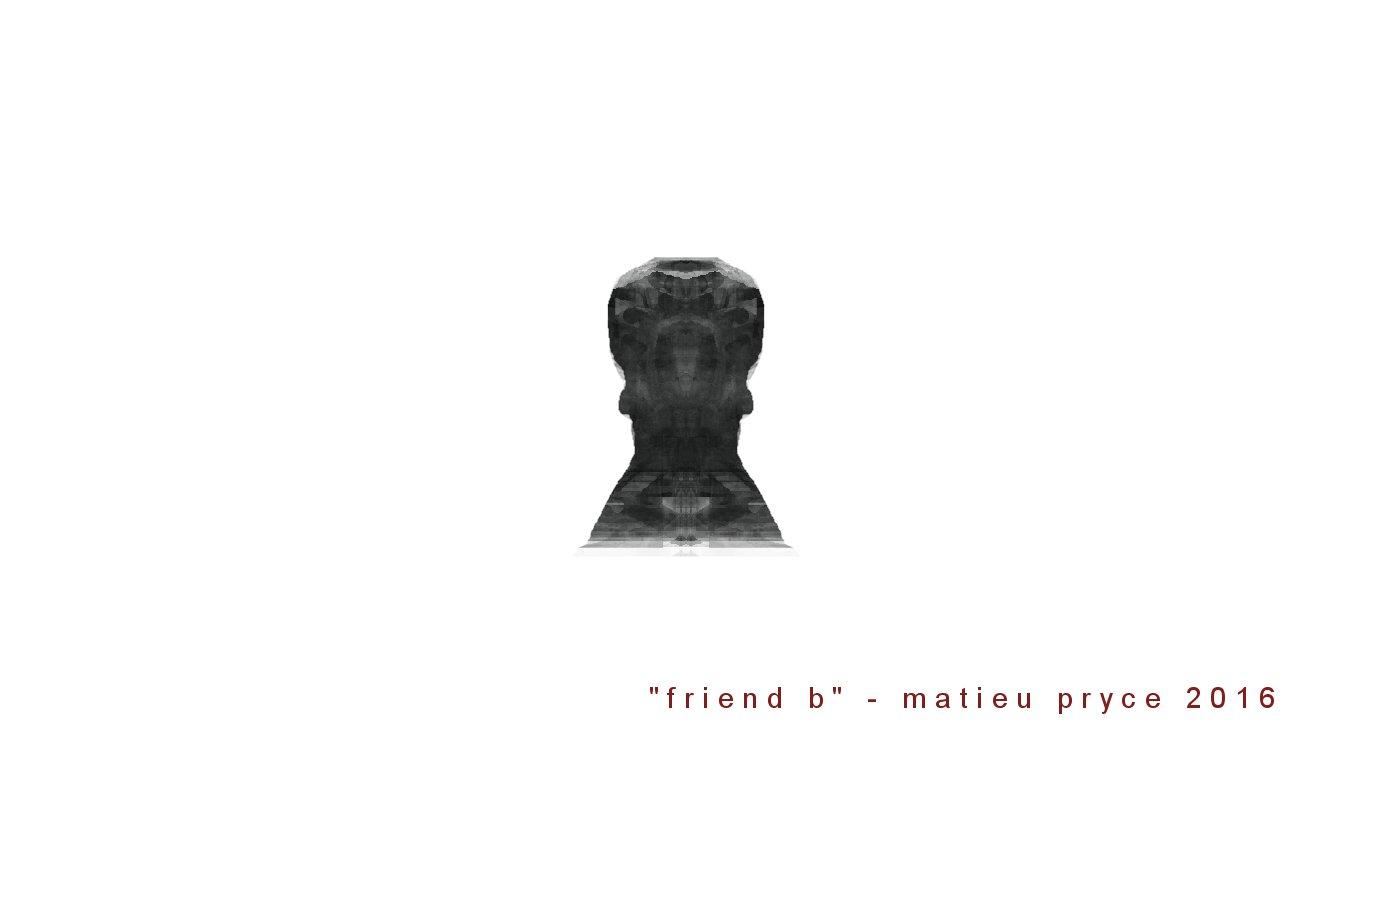 friendb